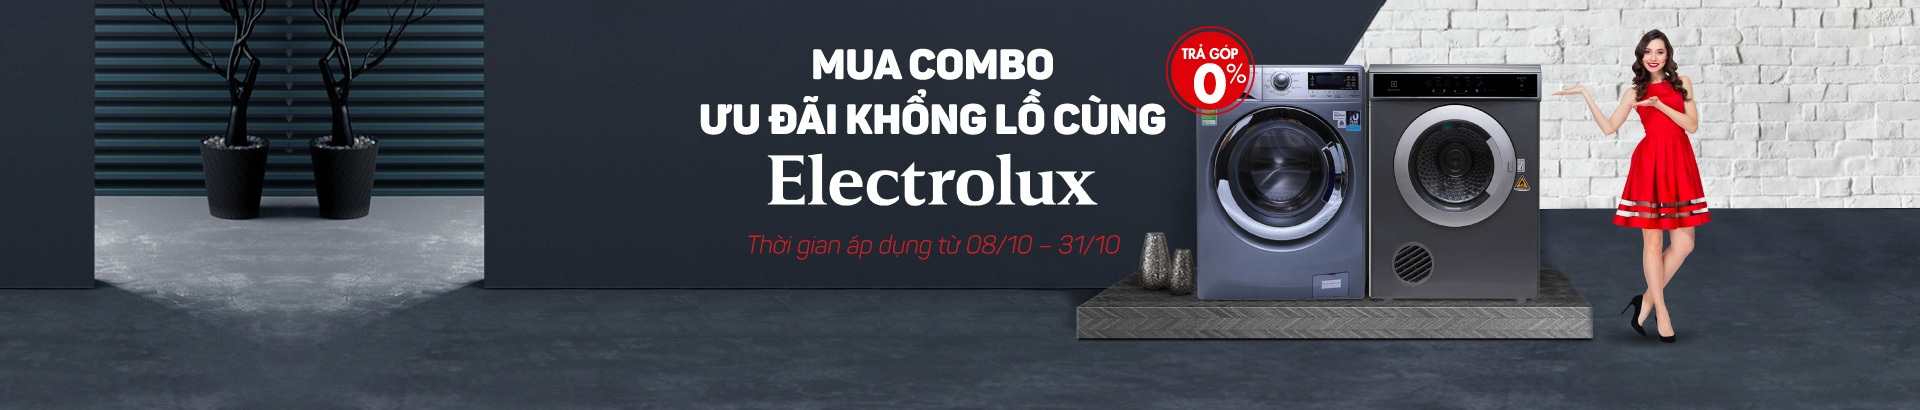 Mua combo - Ưu đãi khổng lồ cùng Electrolux